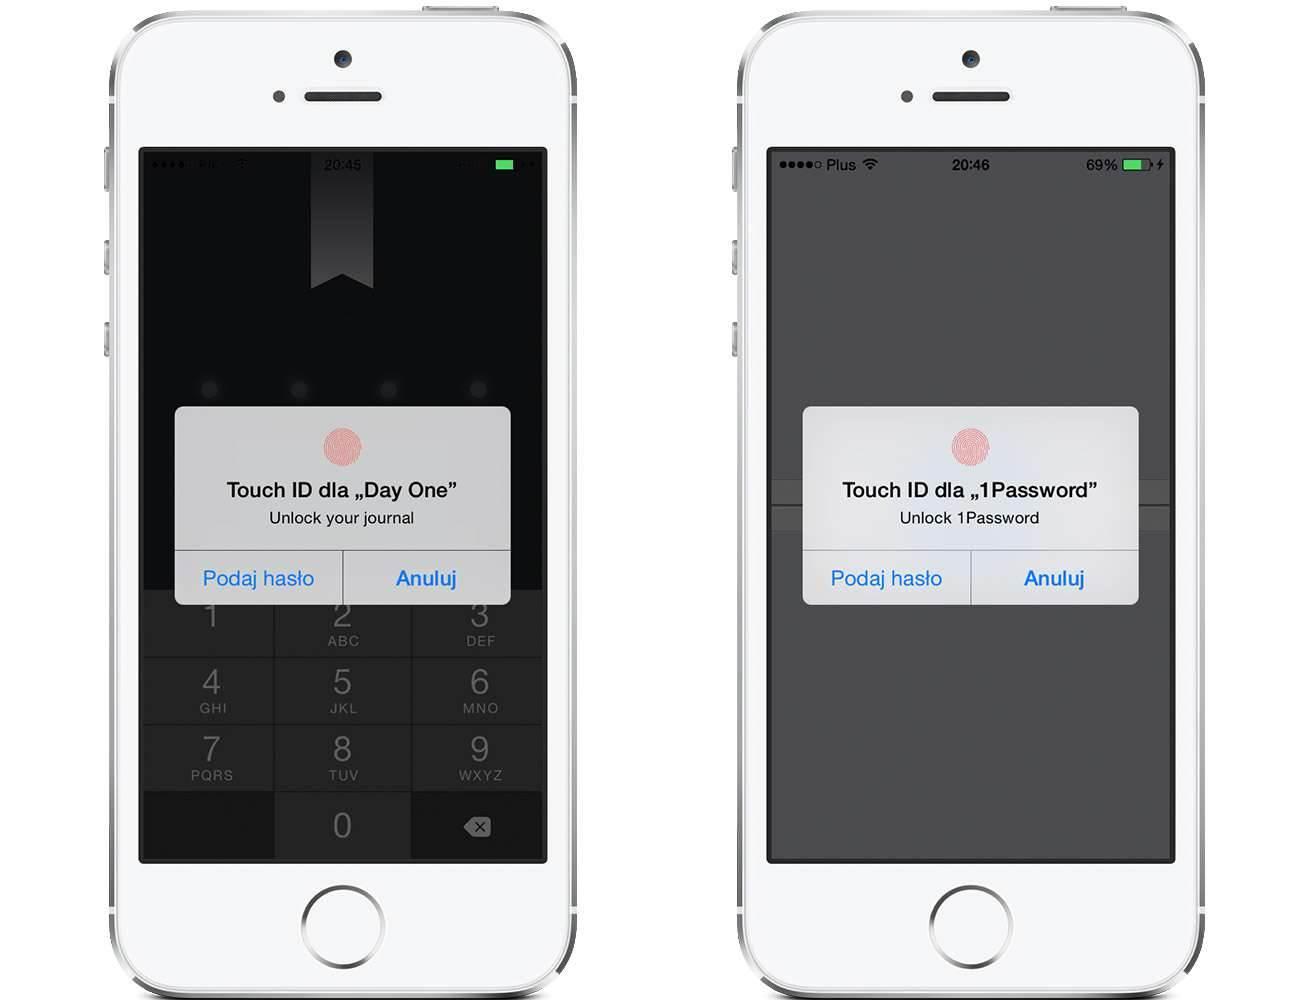 iOS 8 - spis aplikacji kompatybilnych z TouchID ciekawostki TouchID, jakie aplikacje korzystają z TouchID w iOS 8, iPhone, iOS 8 i TouchID, iOS 8 i Touch ID, czytnik linii papilarnych w iOS 8, Apple  Jedną z kilkunastu nowości w iOS 8 jest możliwość korzystania z TouchID, czyli czytnika linii papilarnych w aplikacjach z App Store. ToucID